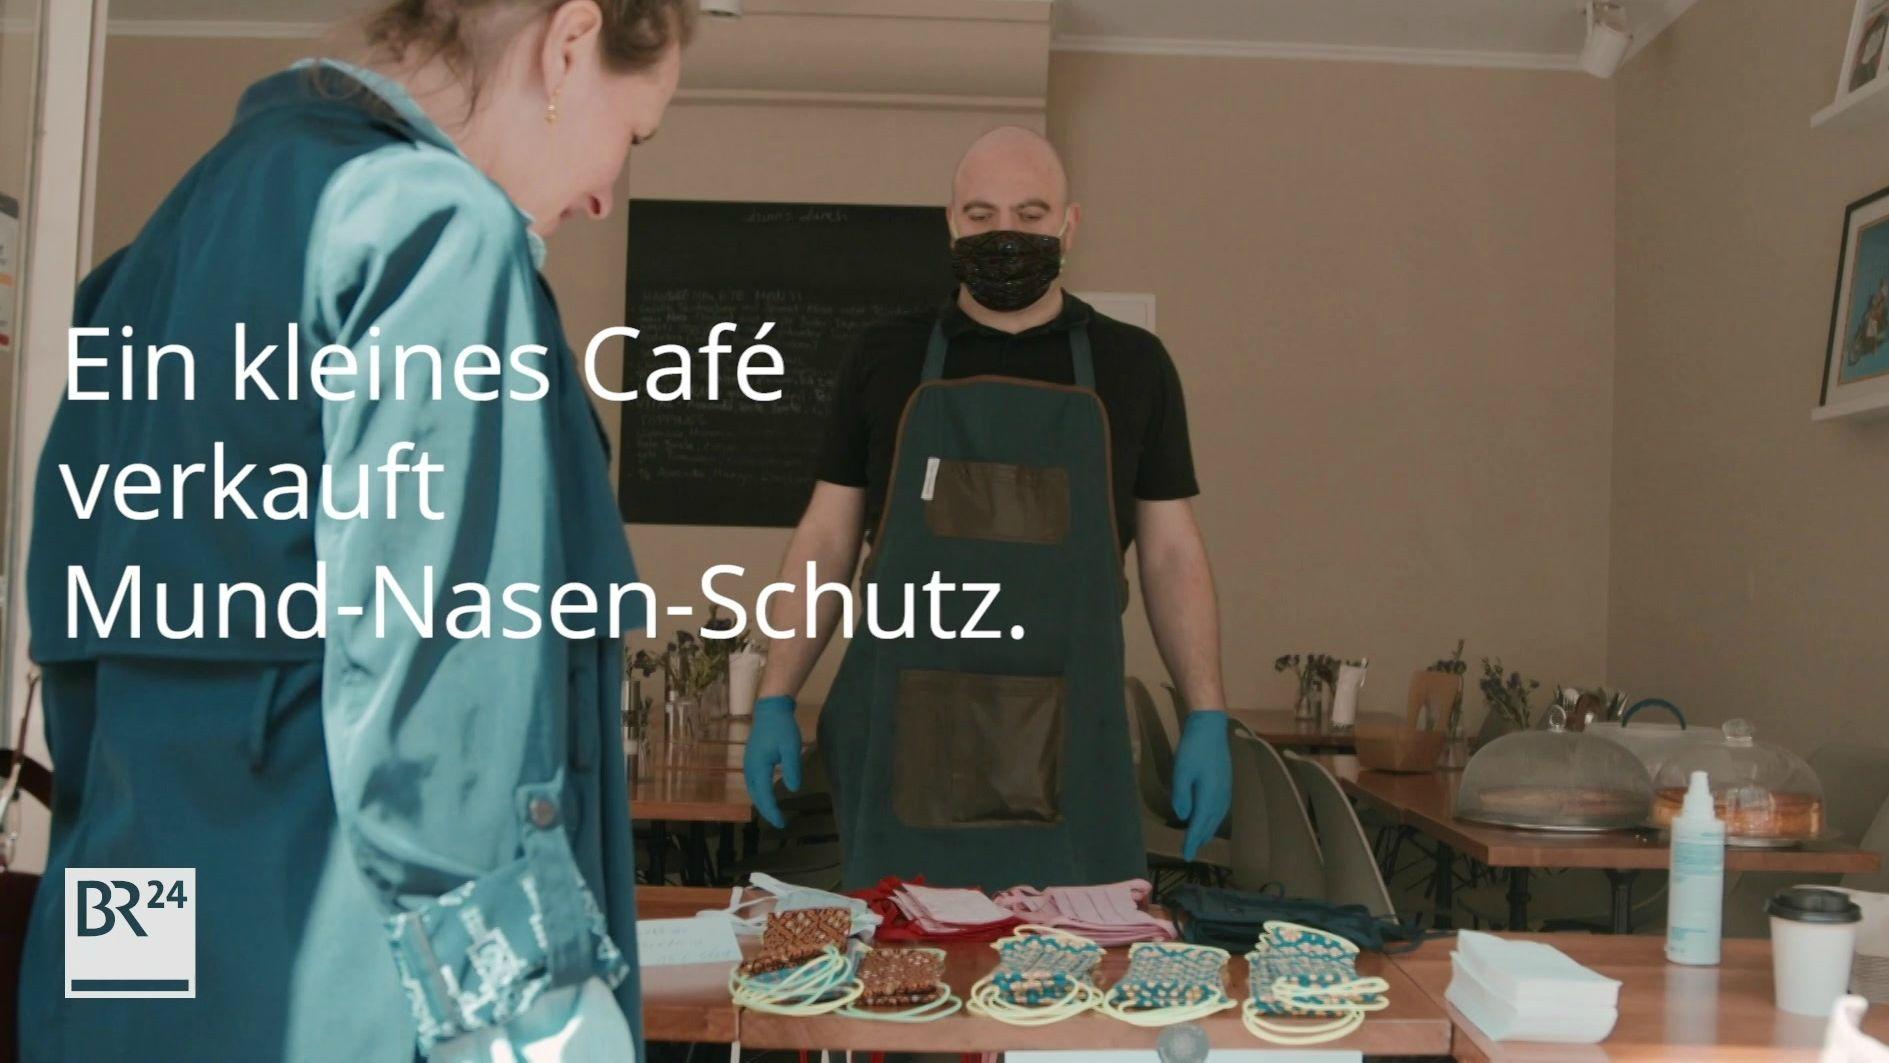 Ein kleines Café verkauft Mund-Nasen-schutz